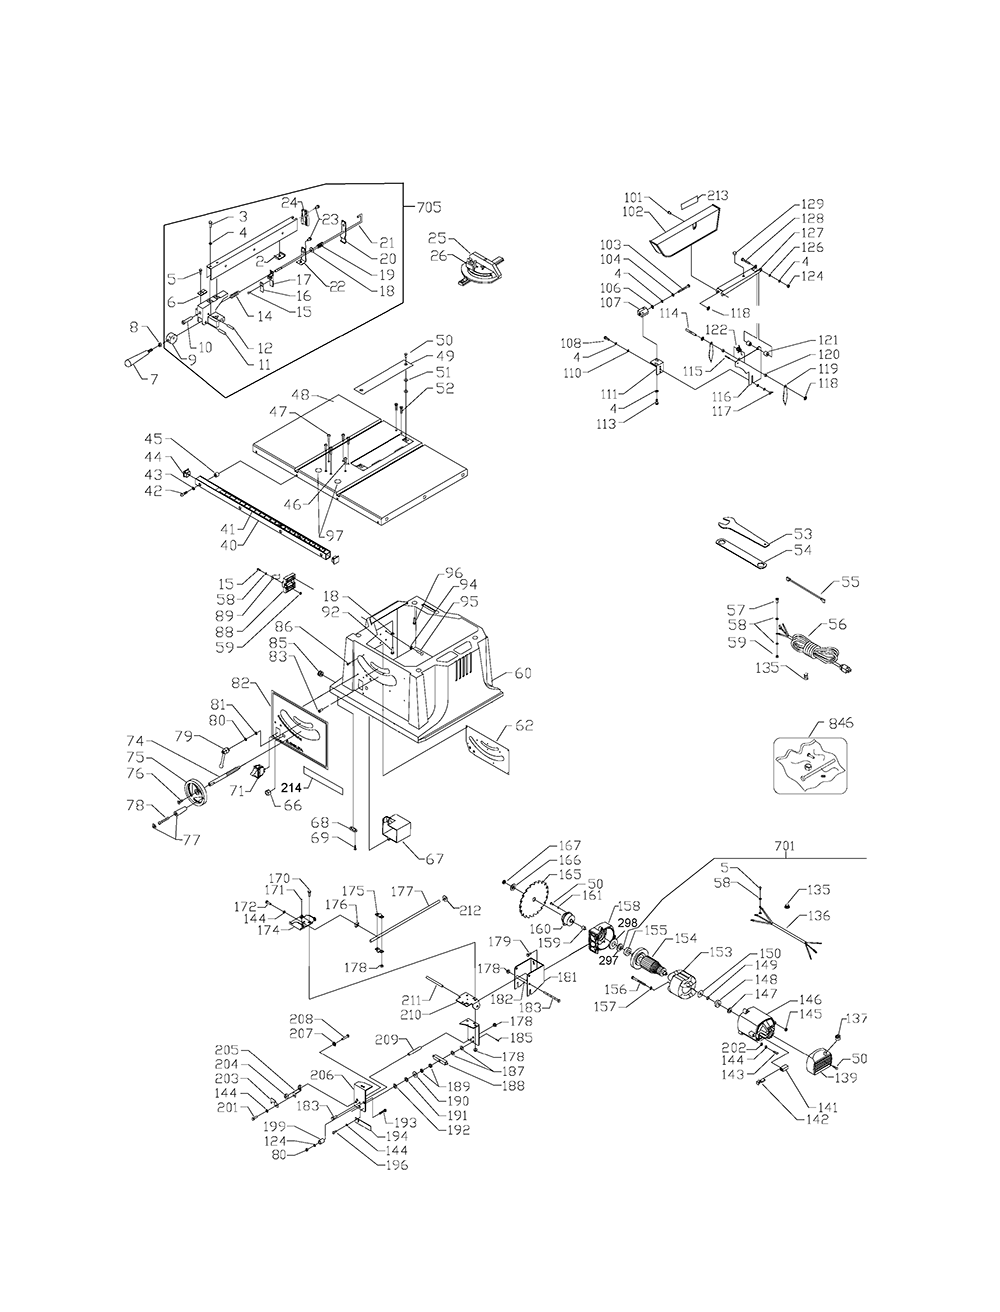 FS210LS-BlackandDecker-T2-PB-1Break Down